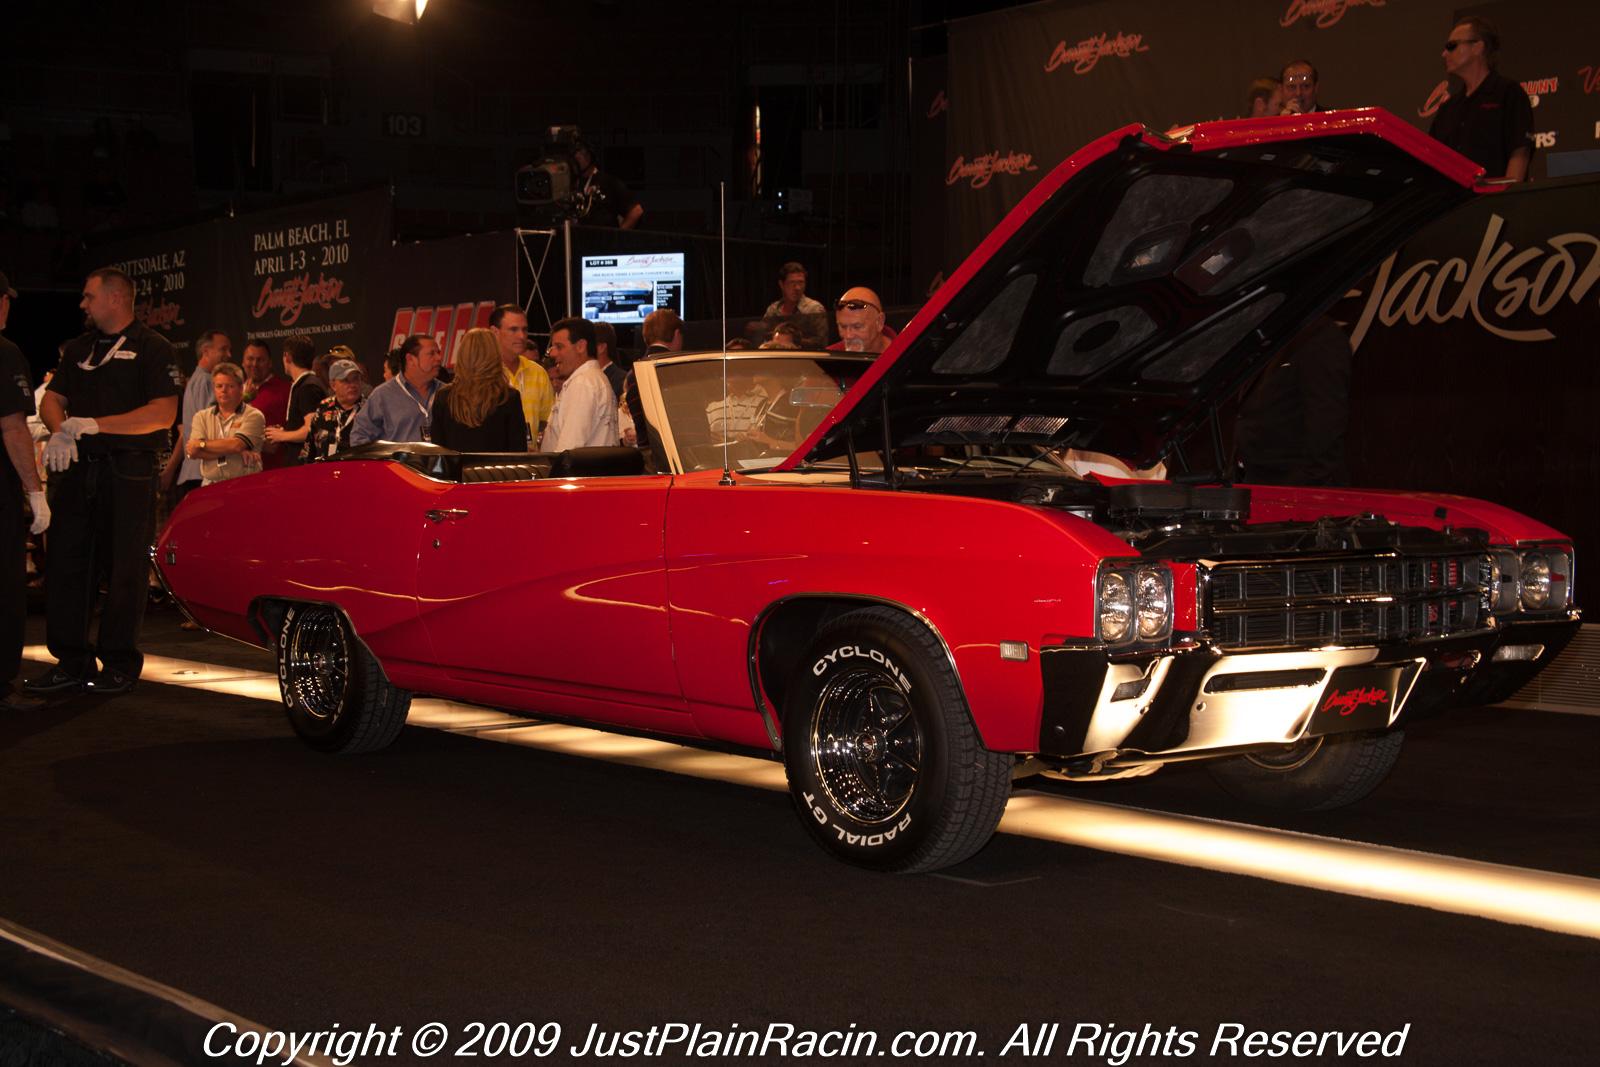 2009 10 09 NV - Barrett-Jackson 52.jpg